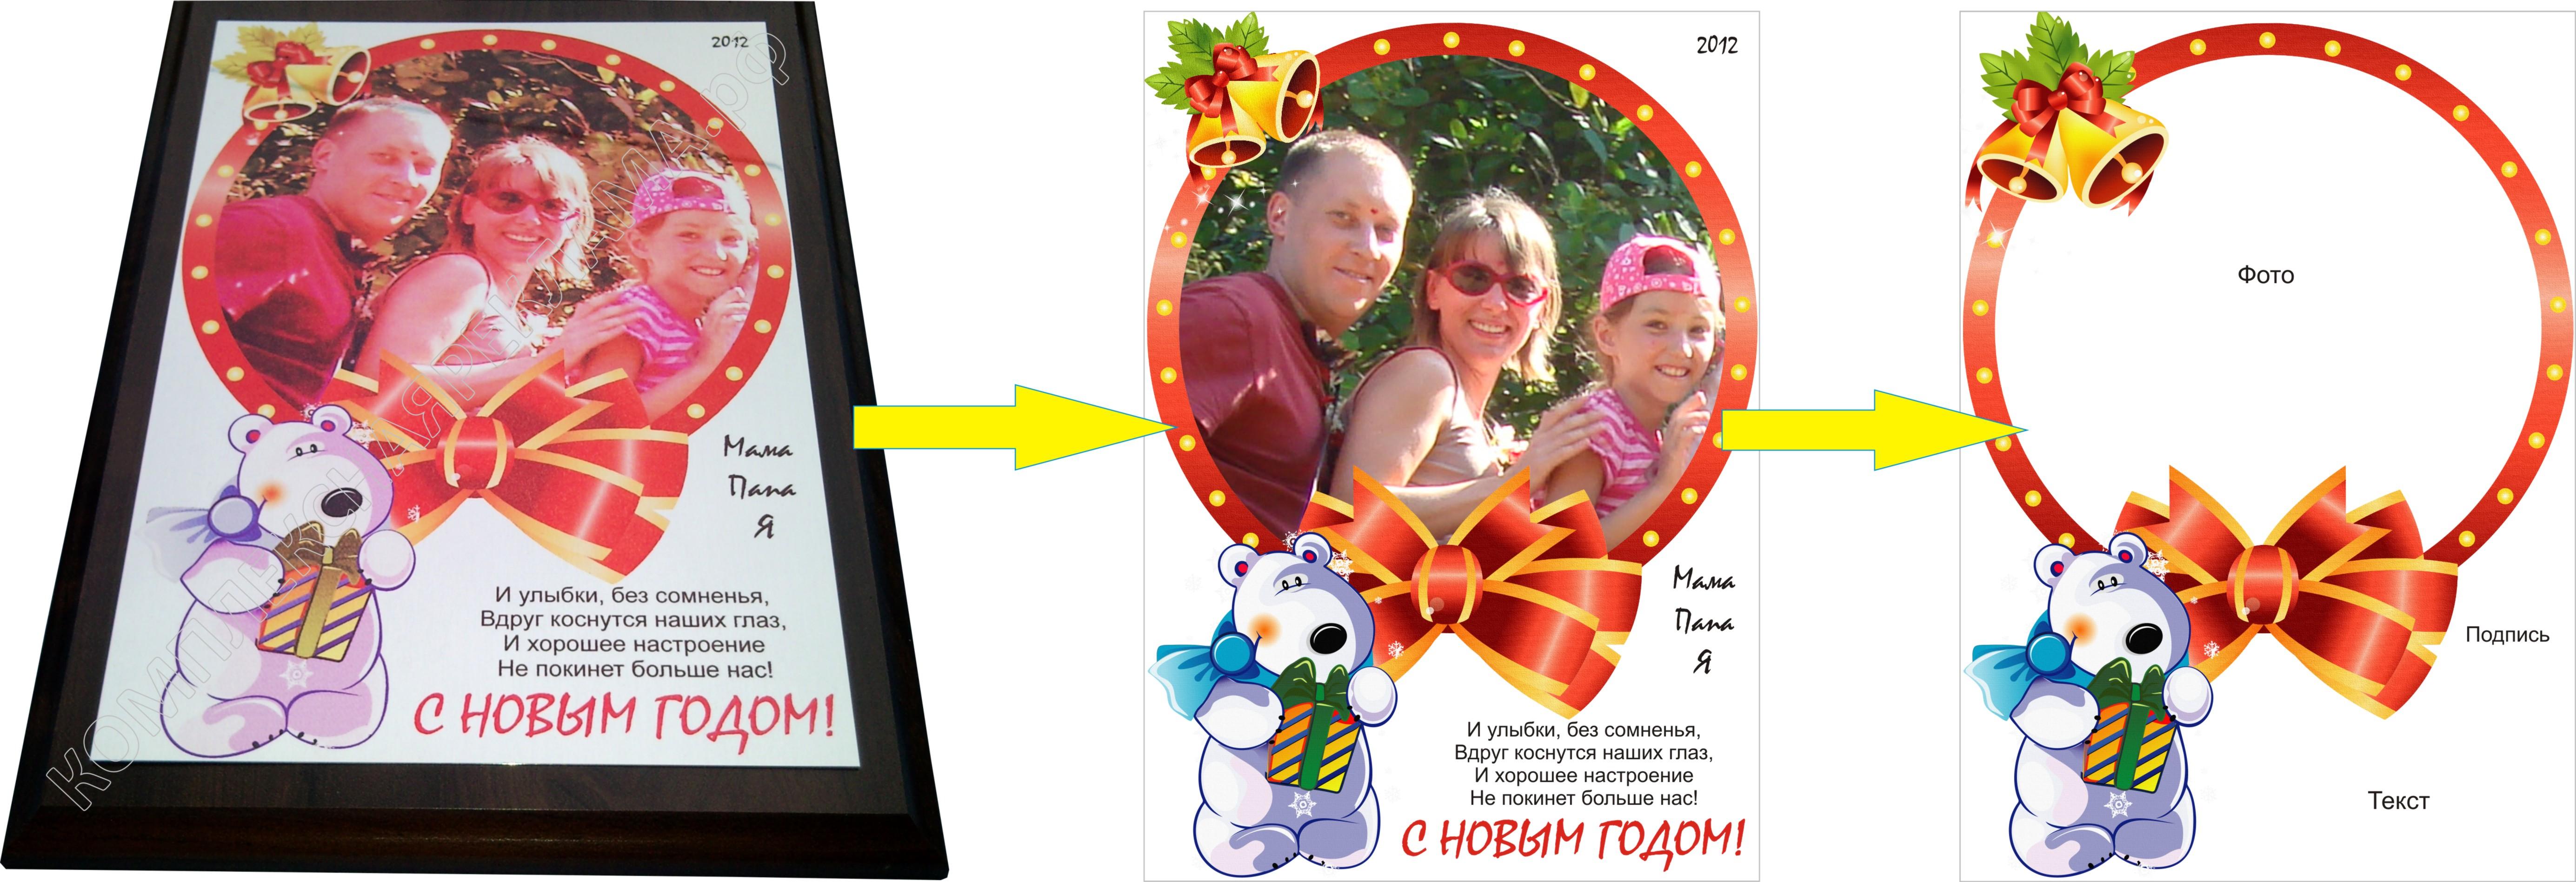 Плакетка наградная – лучший подарок на любой праздник